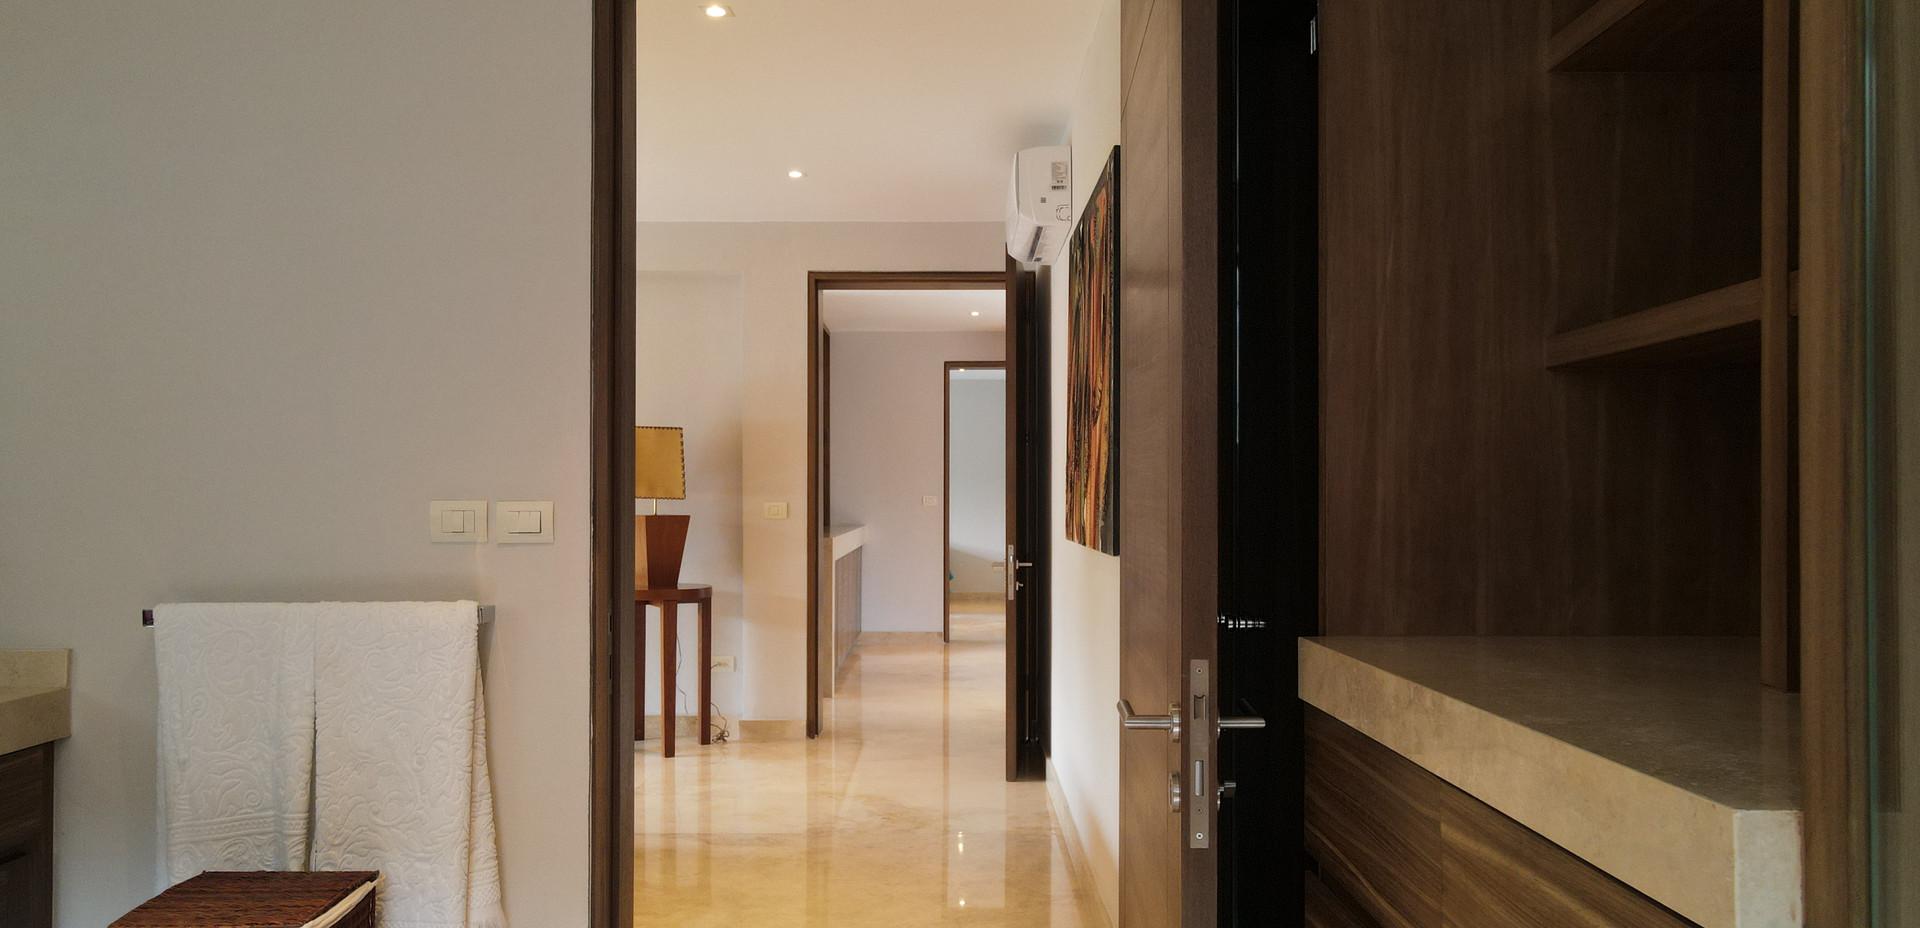 DM Arquitectos-Casa de la Vida 40.JPG